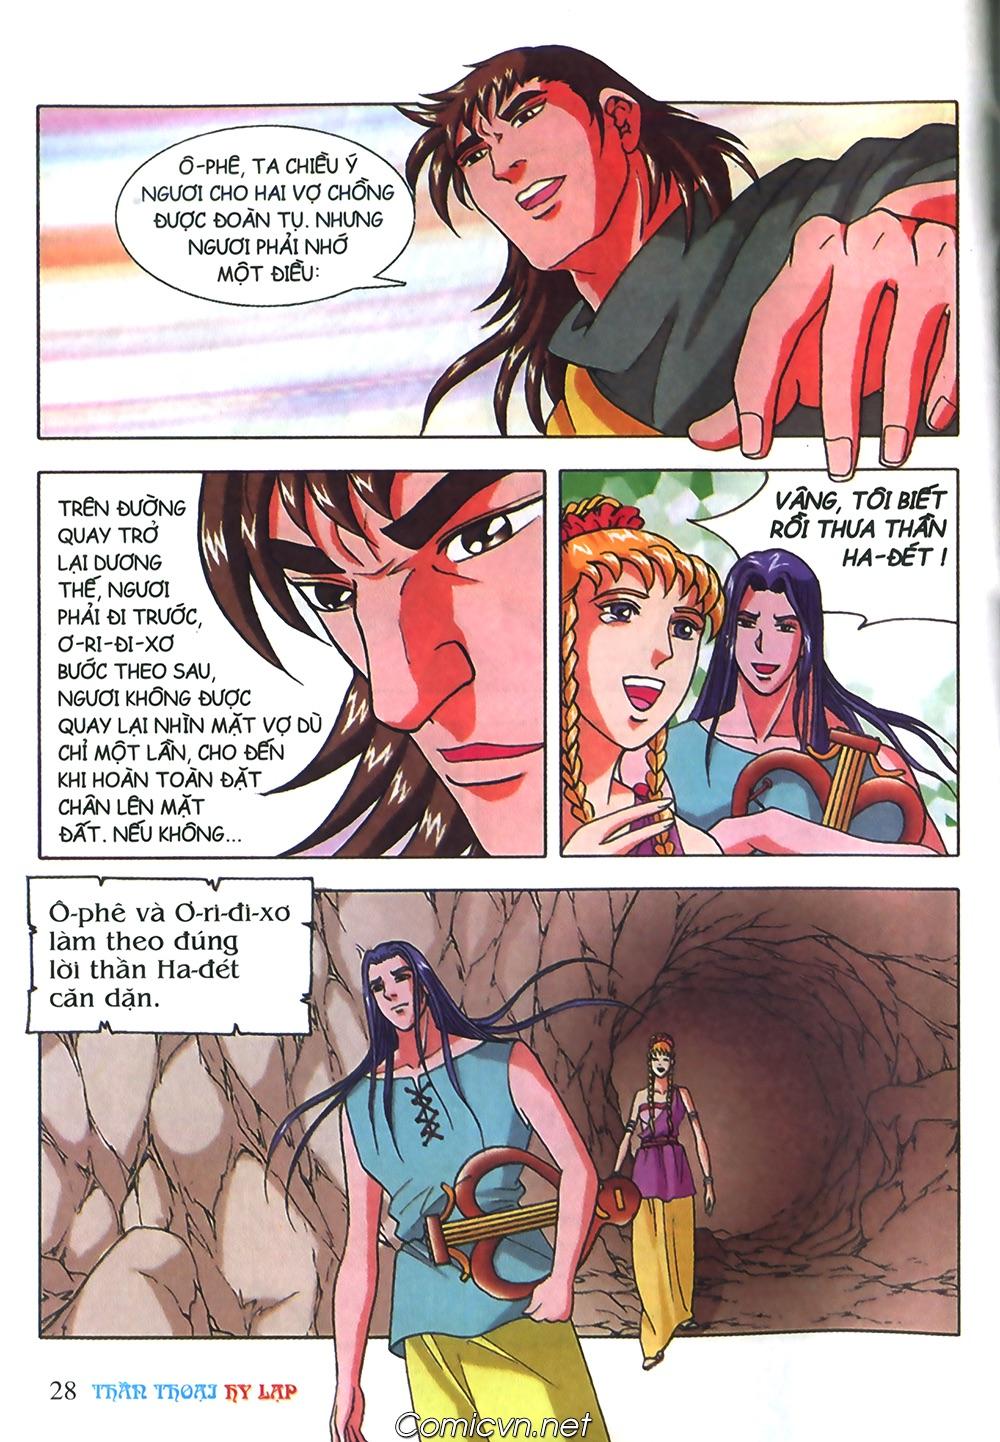 Thần Thoại Hy Lạp Màu - Chapter 40: Chuyện tình buồn của chàng Ô phê - Pic 28